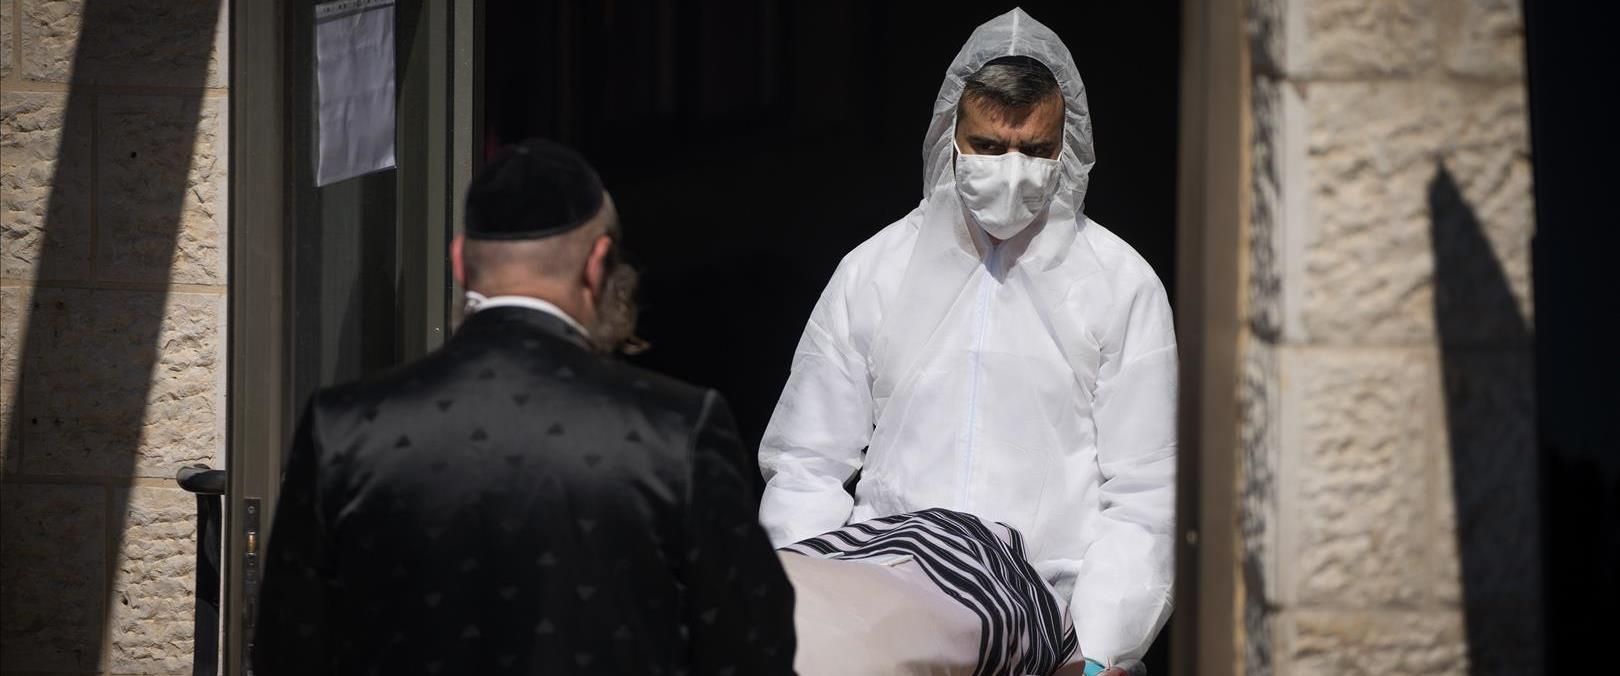 הלוויה בירושלים, אפריל 2020